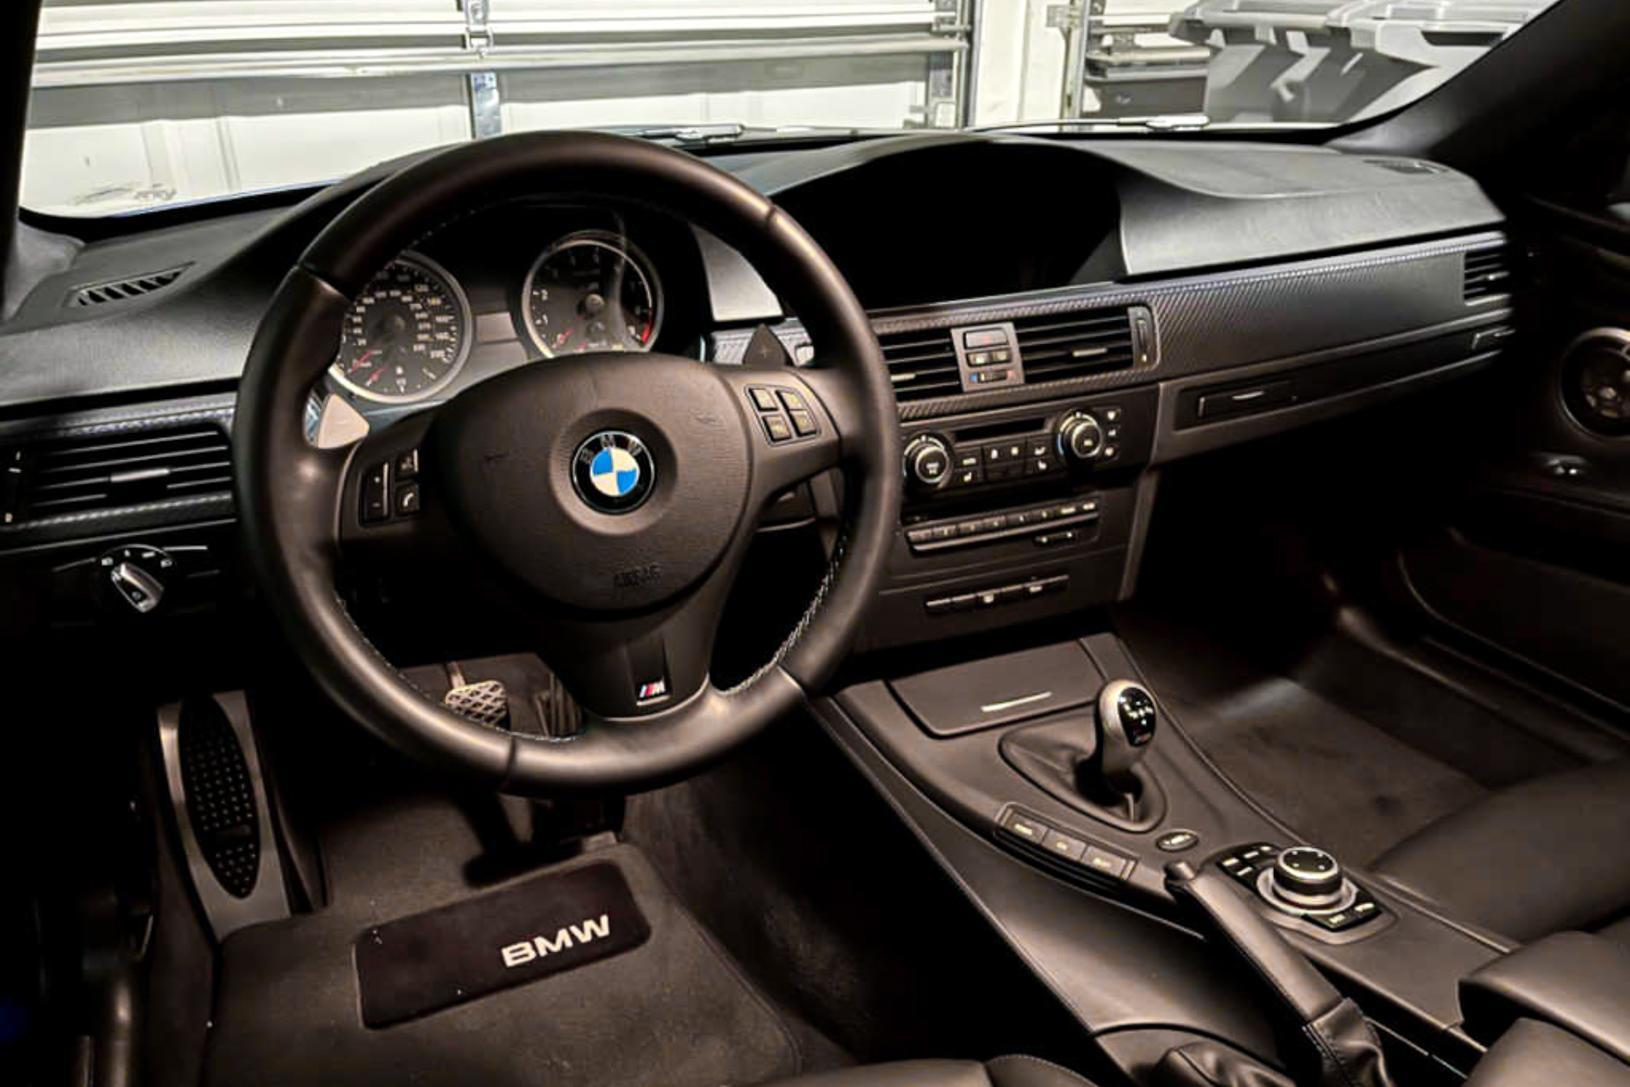 2013 BMW M3 'Frozen Edition'